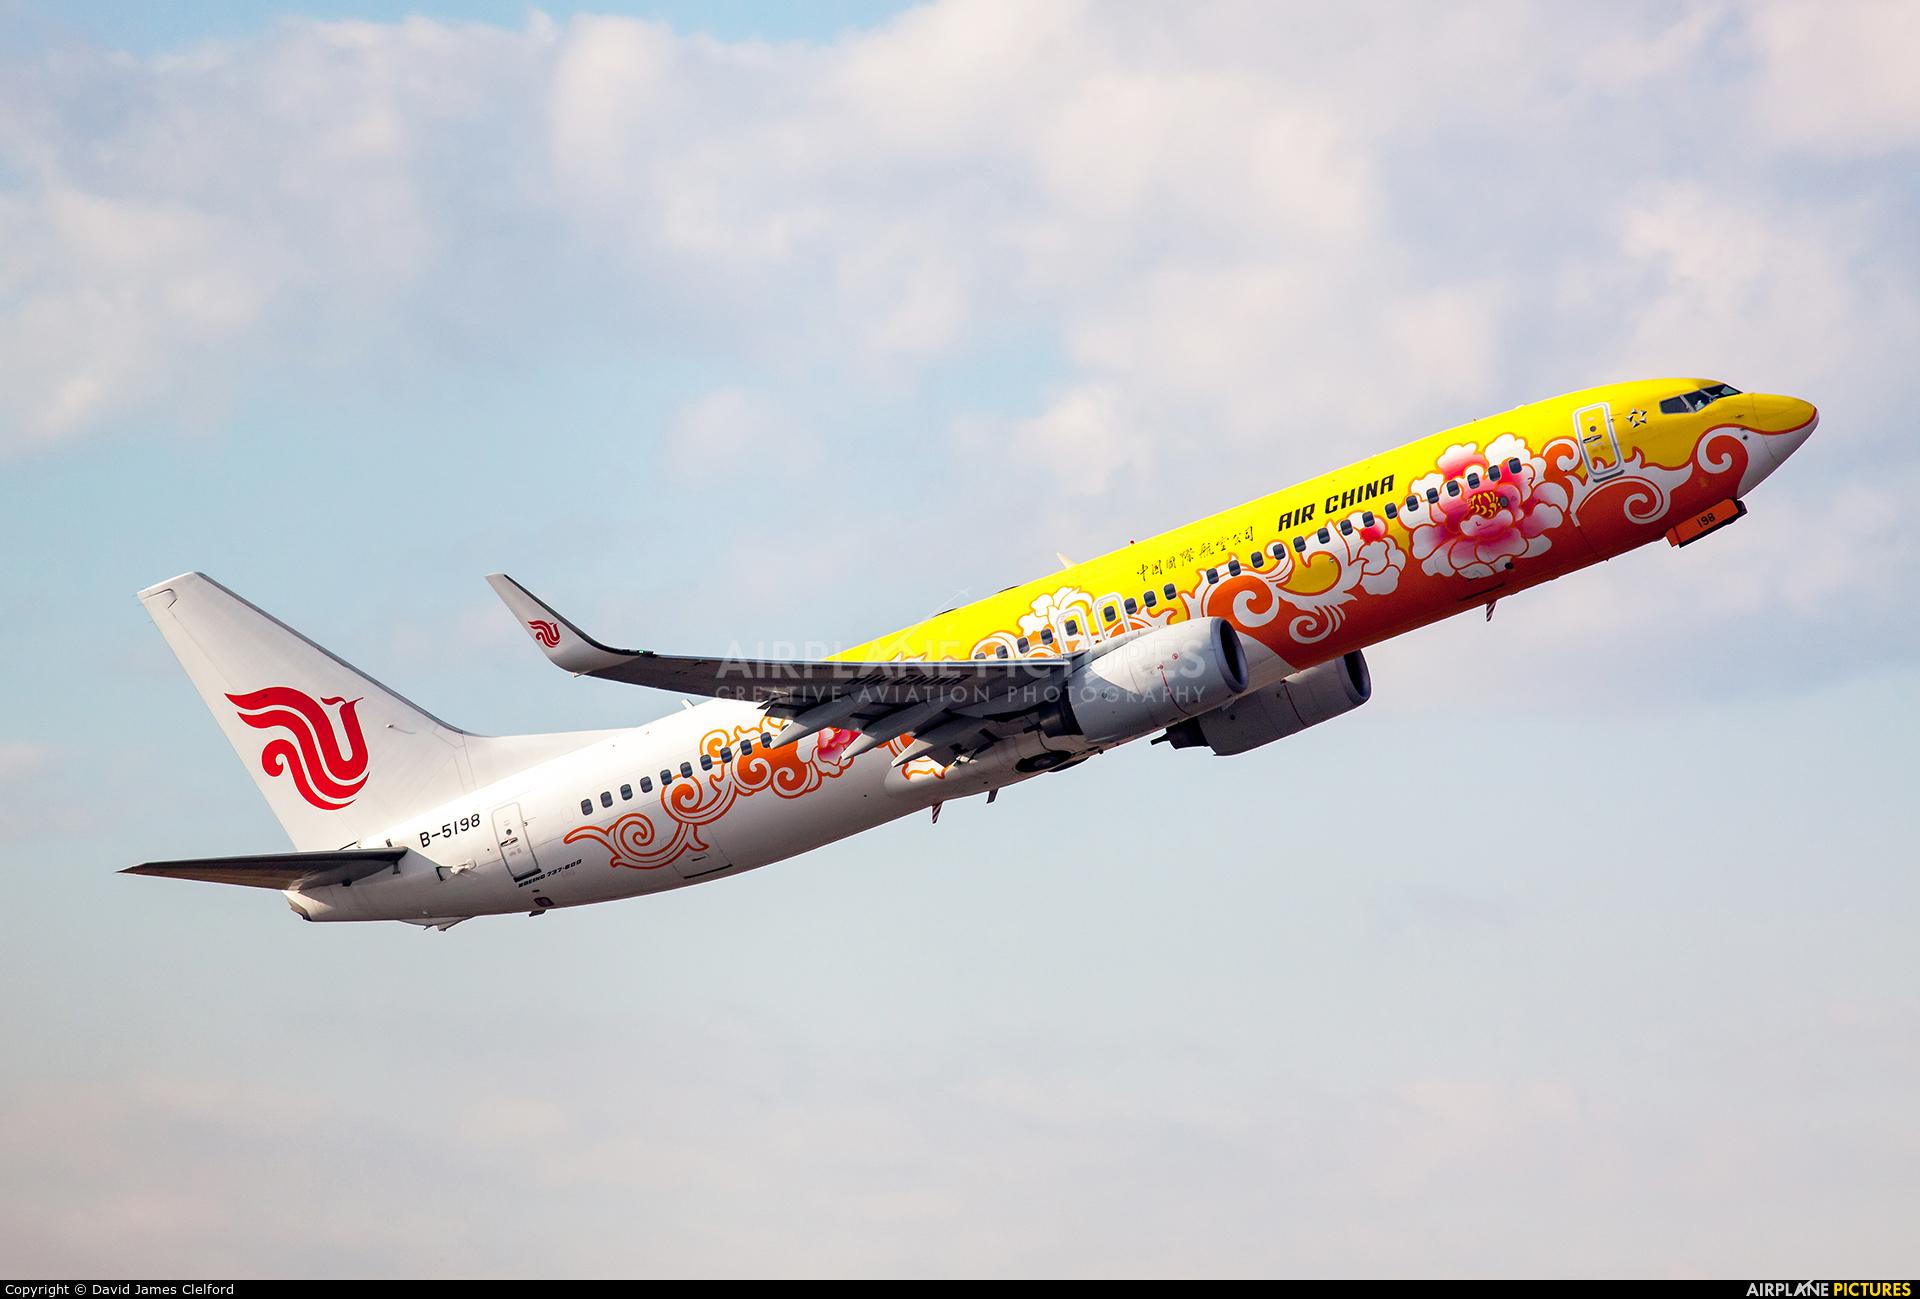 Air China B-5198 aircraft at Tokyo - Narita Intl